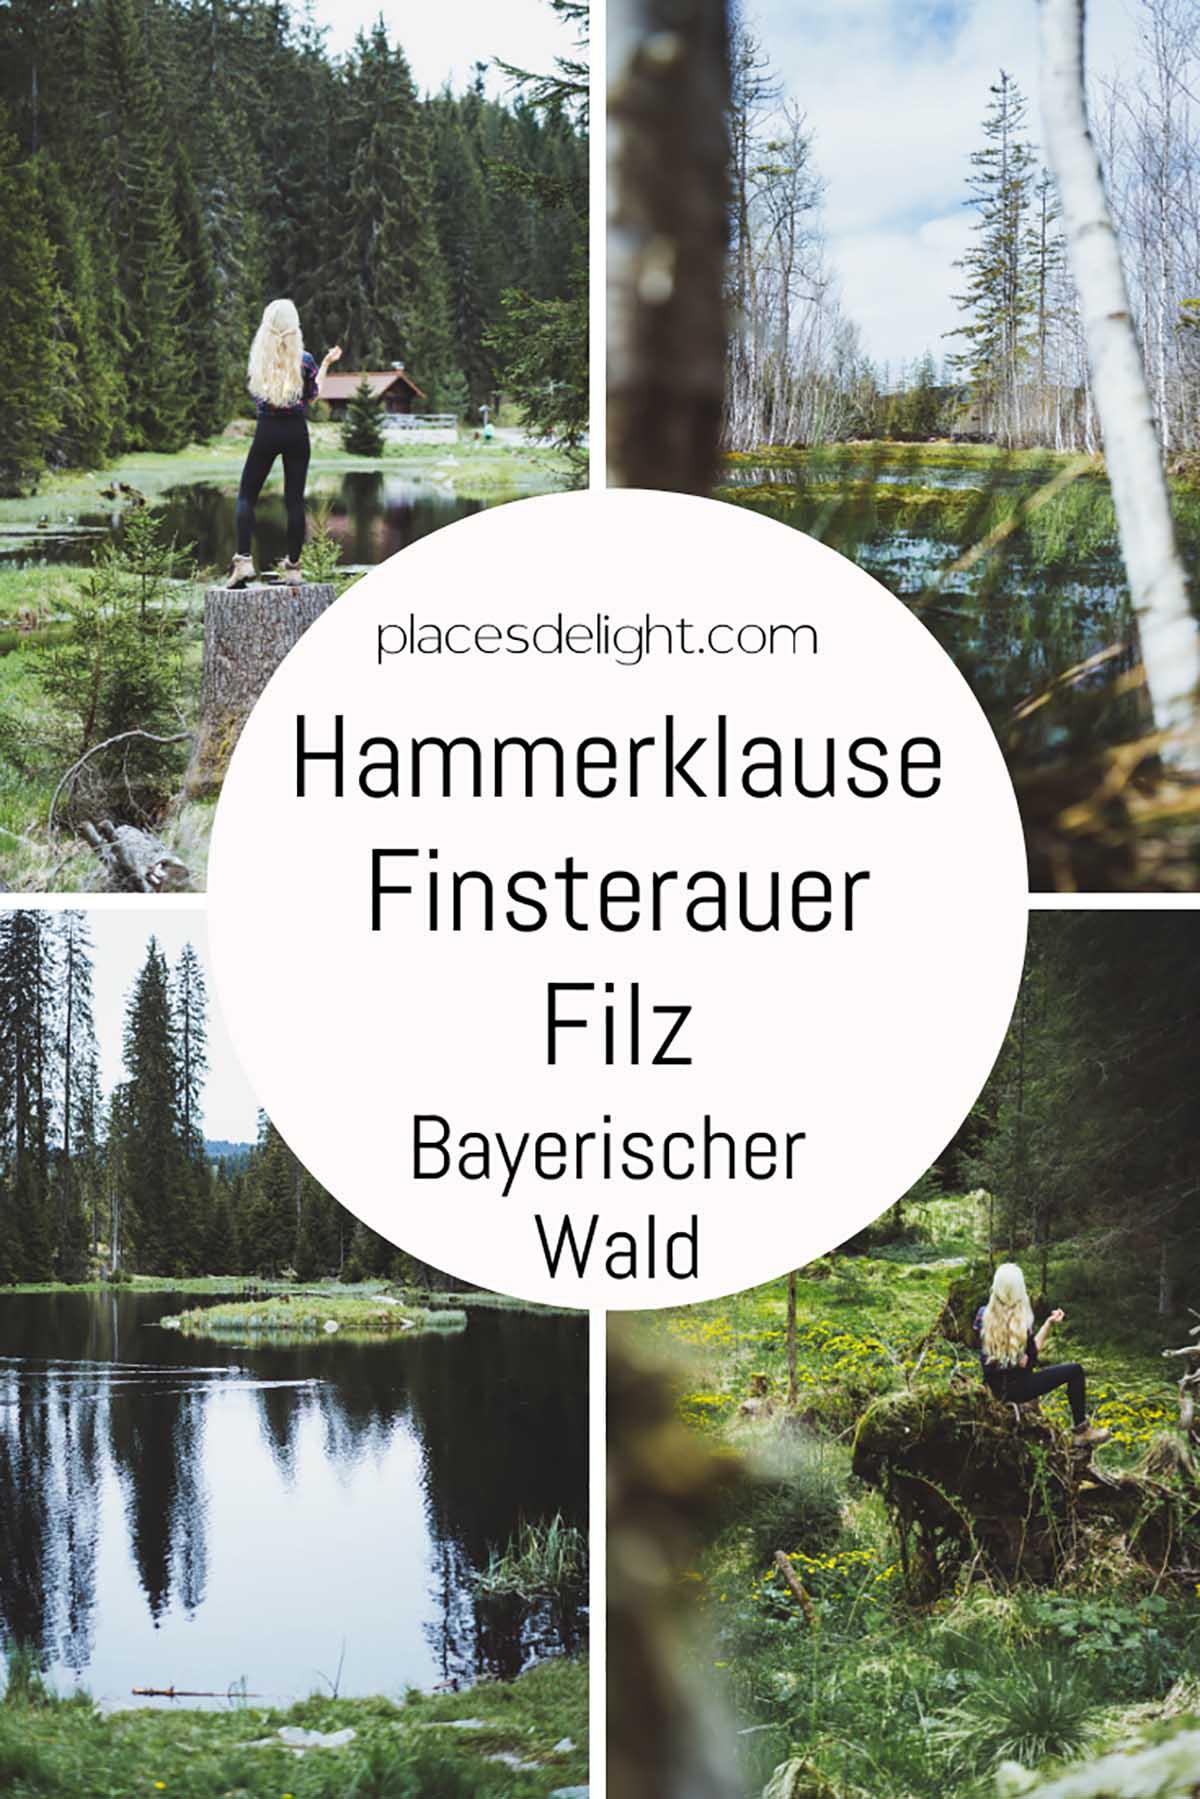 placesdelight-hammerklause-finsterauer-filz-bayerischer-wald